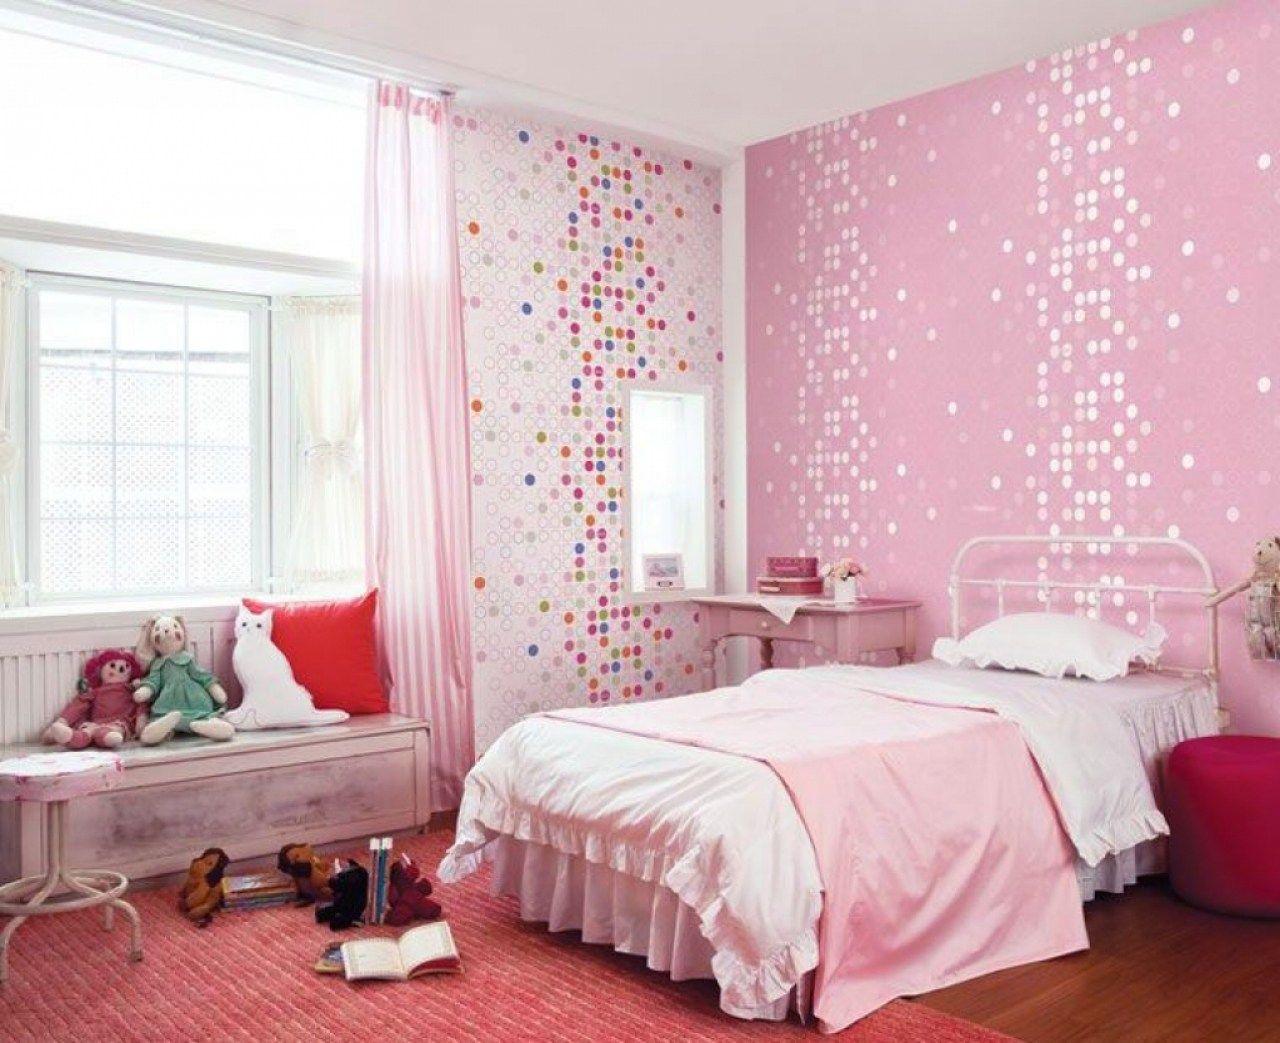 kids room cute pink dotty wallpaper girls bedroom home design floorboards french doors beige colours bedroom photo